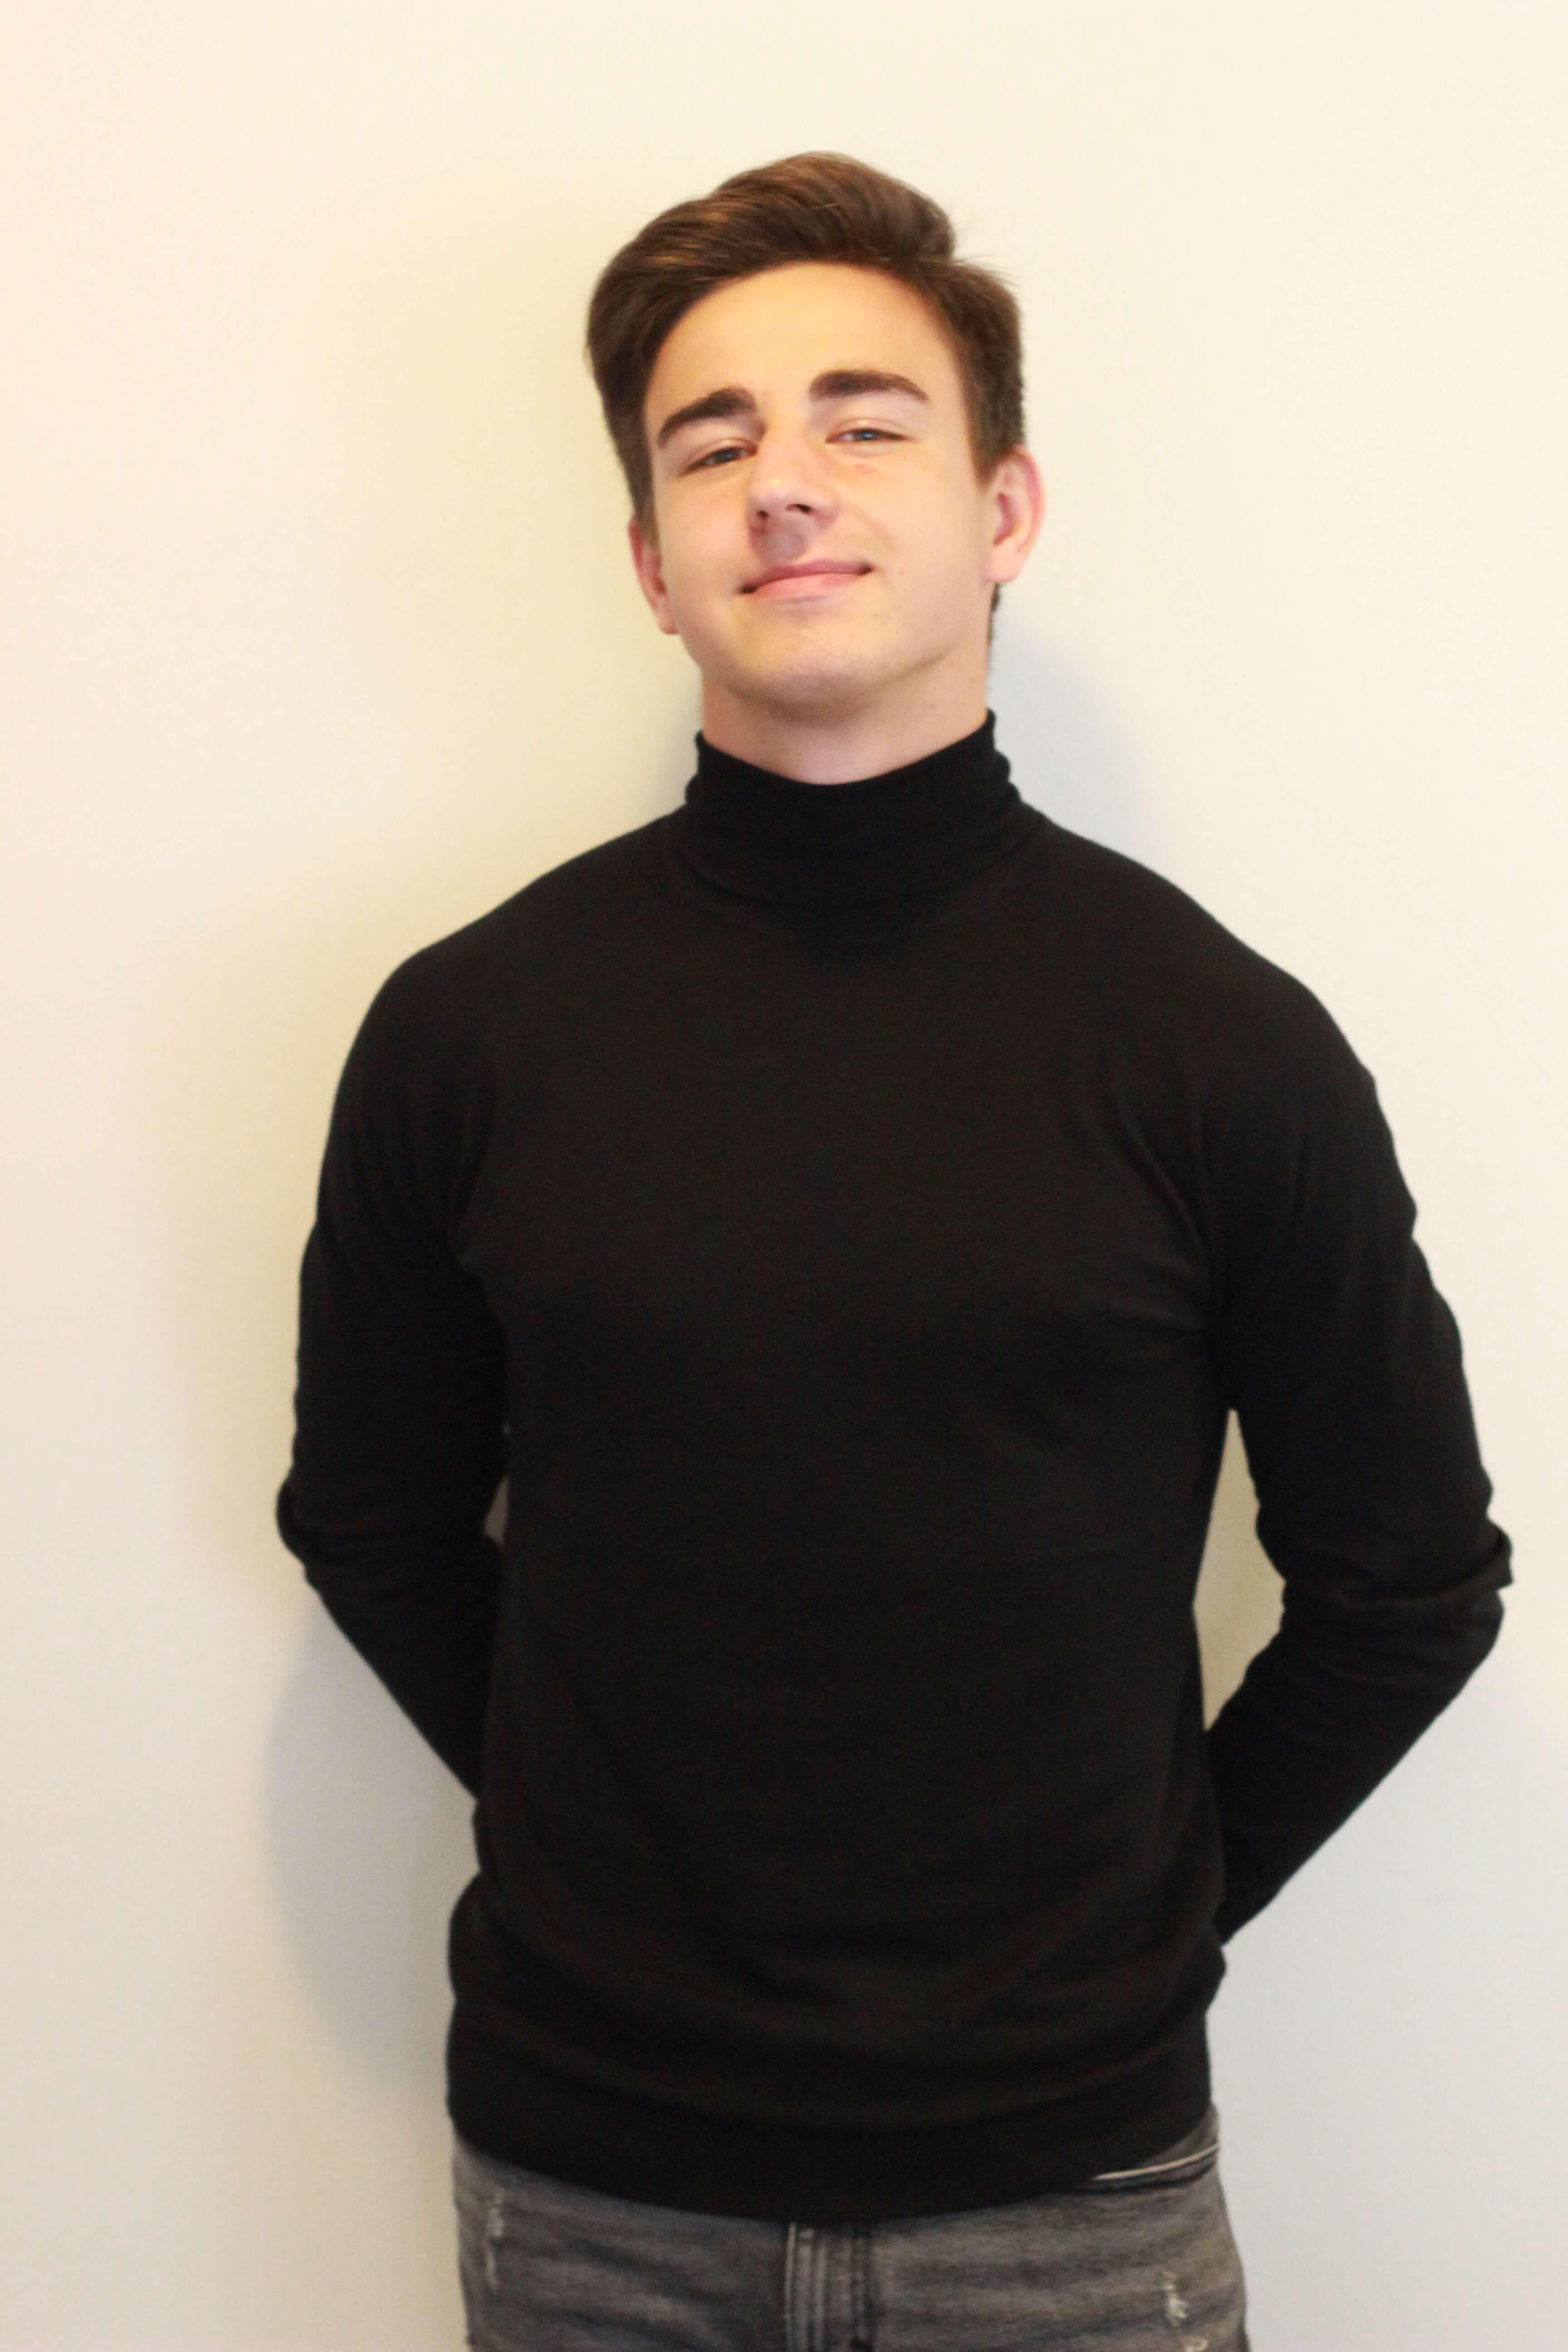 Ярослав Снищук, Студент МСМ